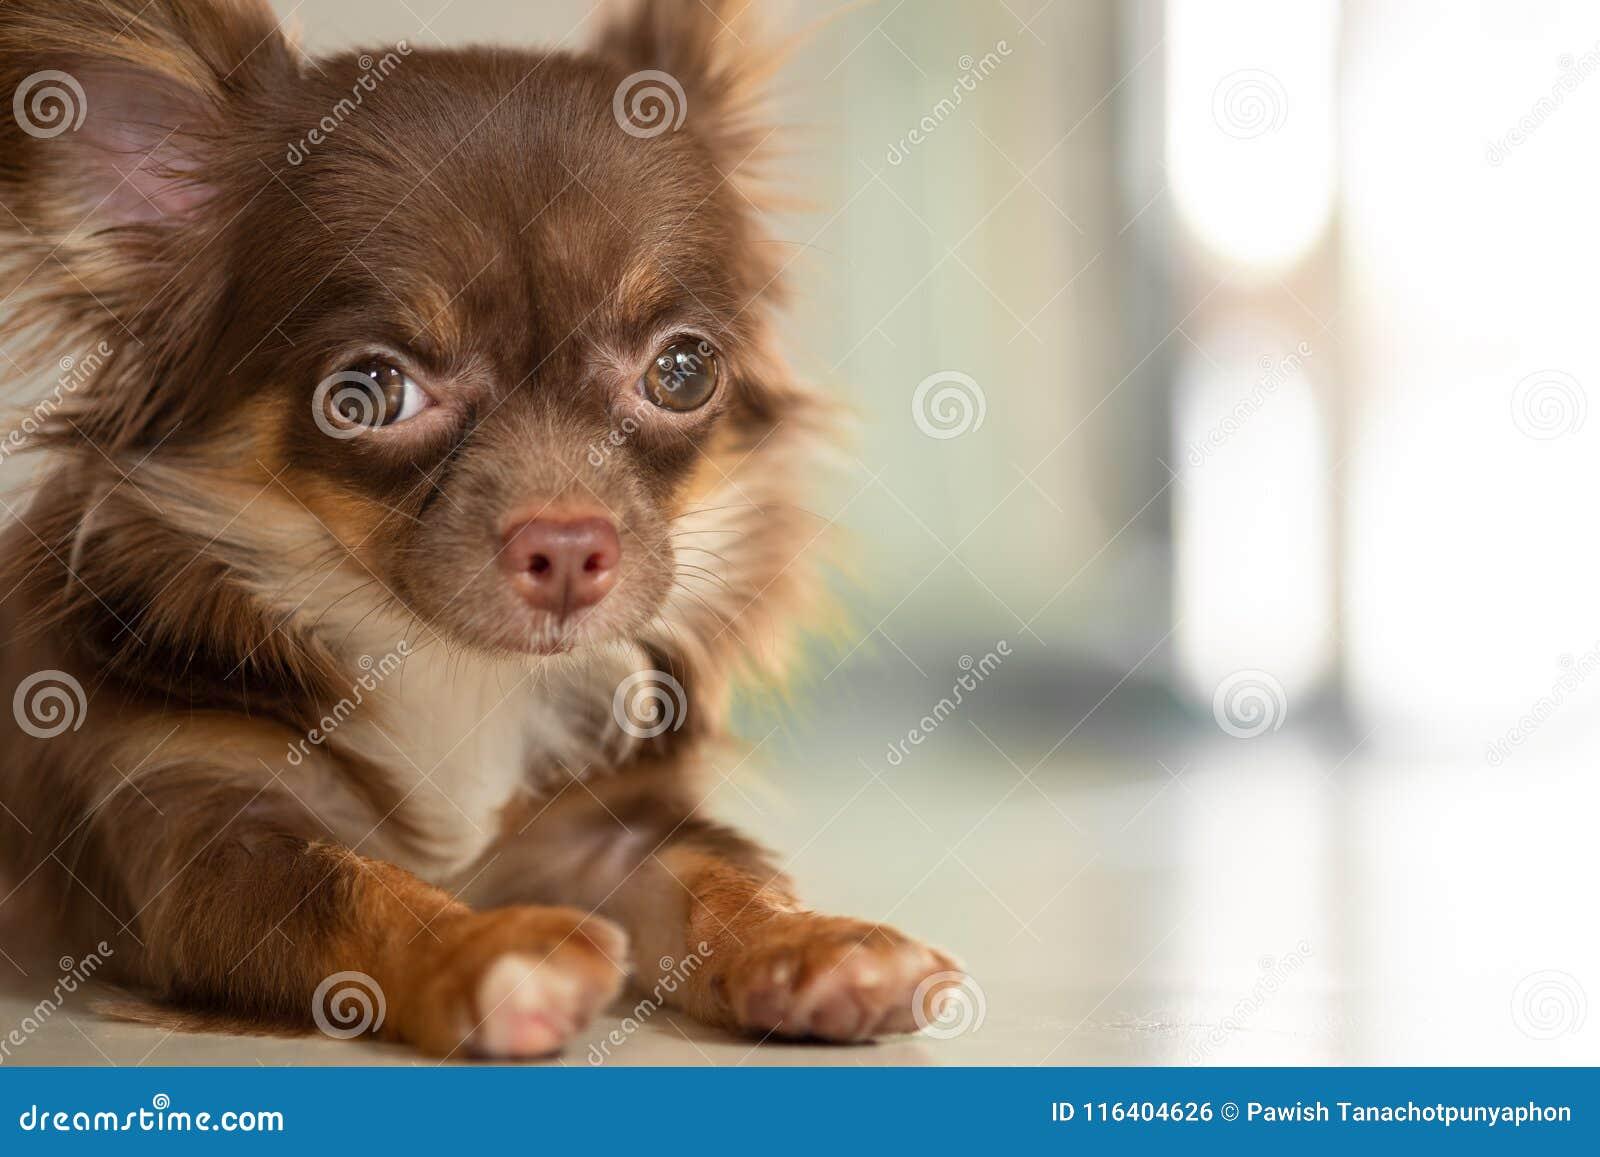 Καφέ σοκολατί σκυλί chihuahua χρώματος που βρίσκεται στο έδαφος εσωτερικό χ